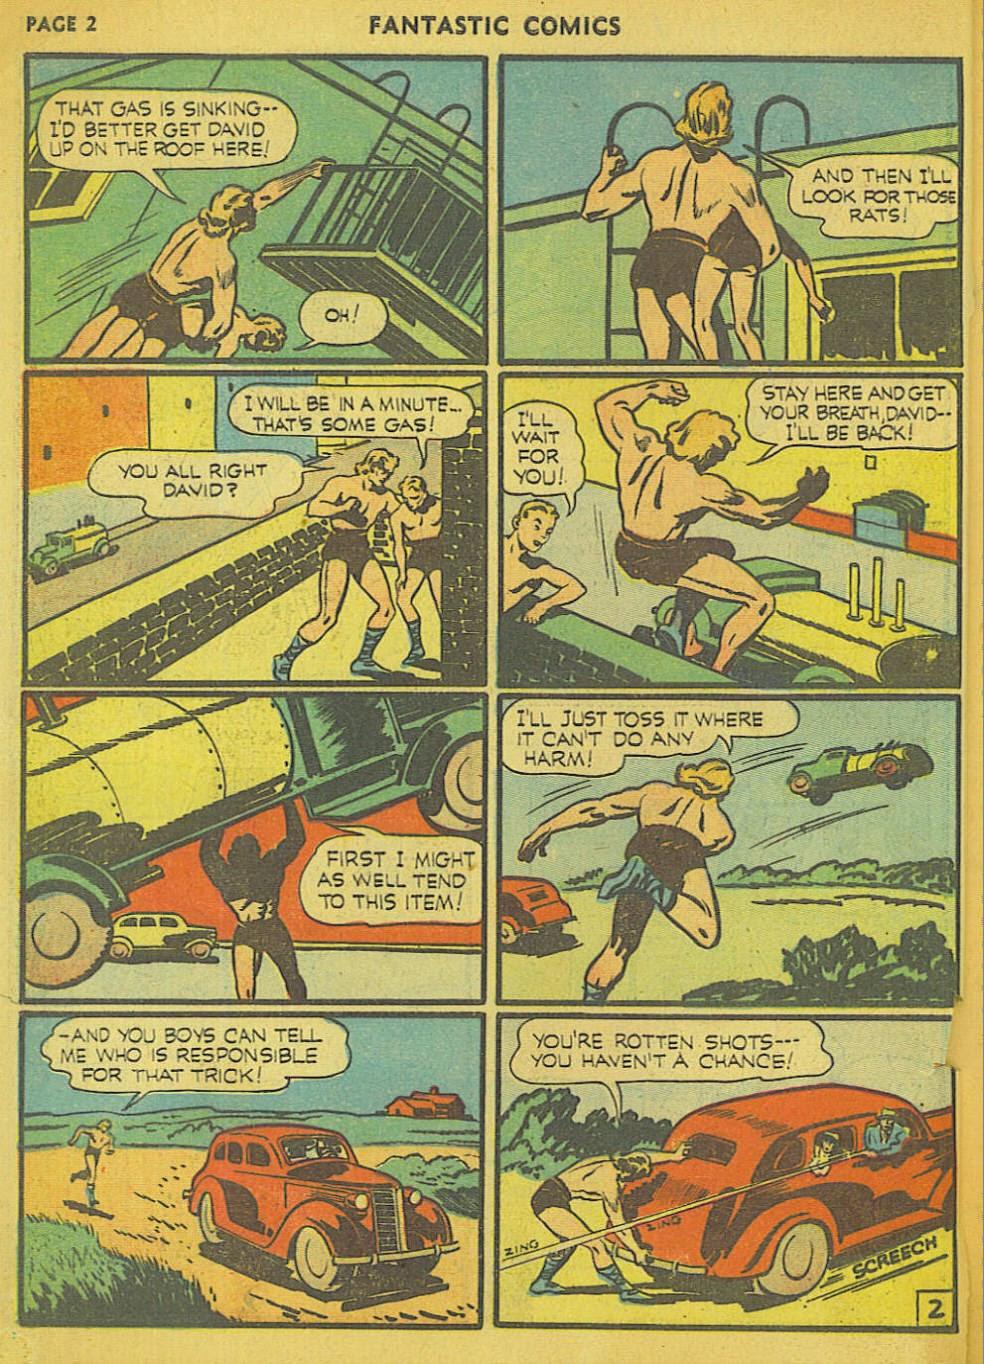 Read online Fantastic Comics comic -  Issue #15 - 13